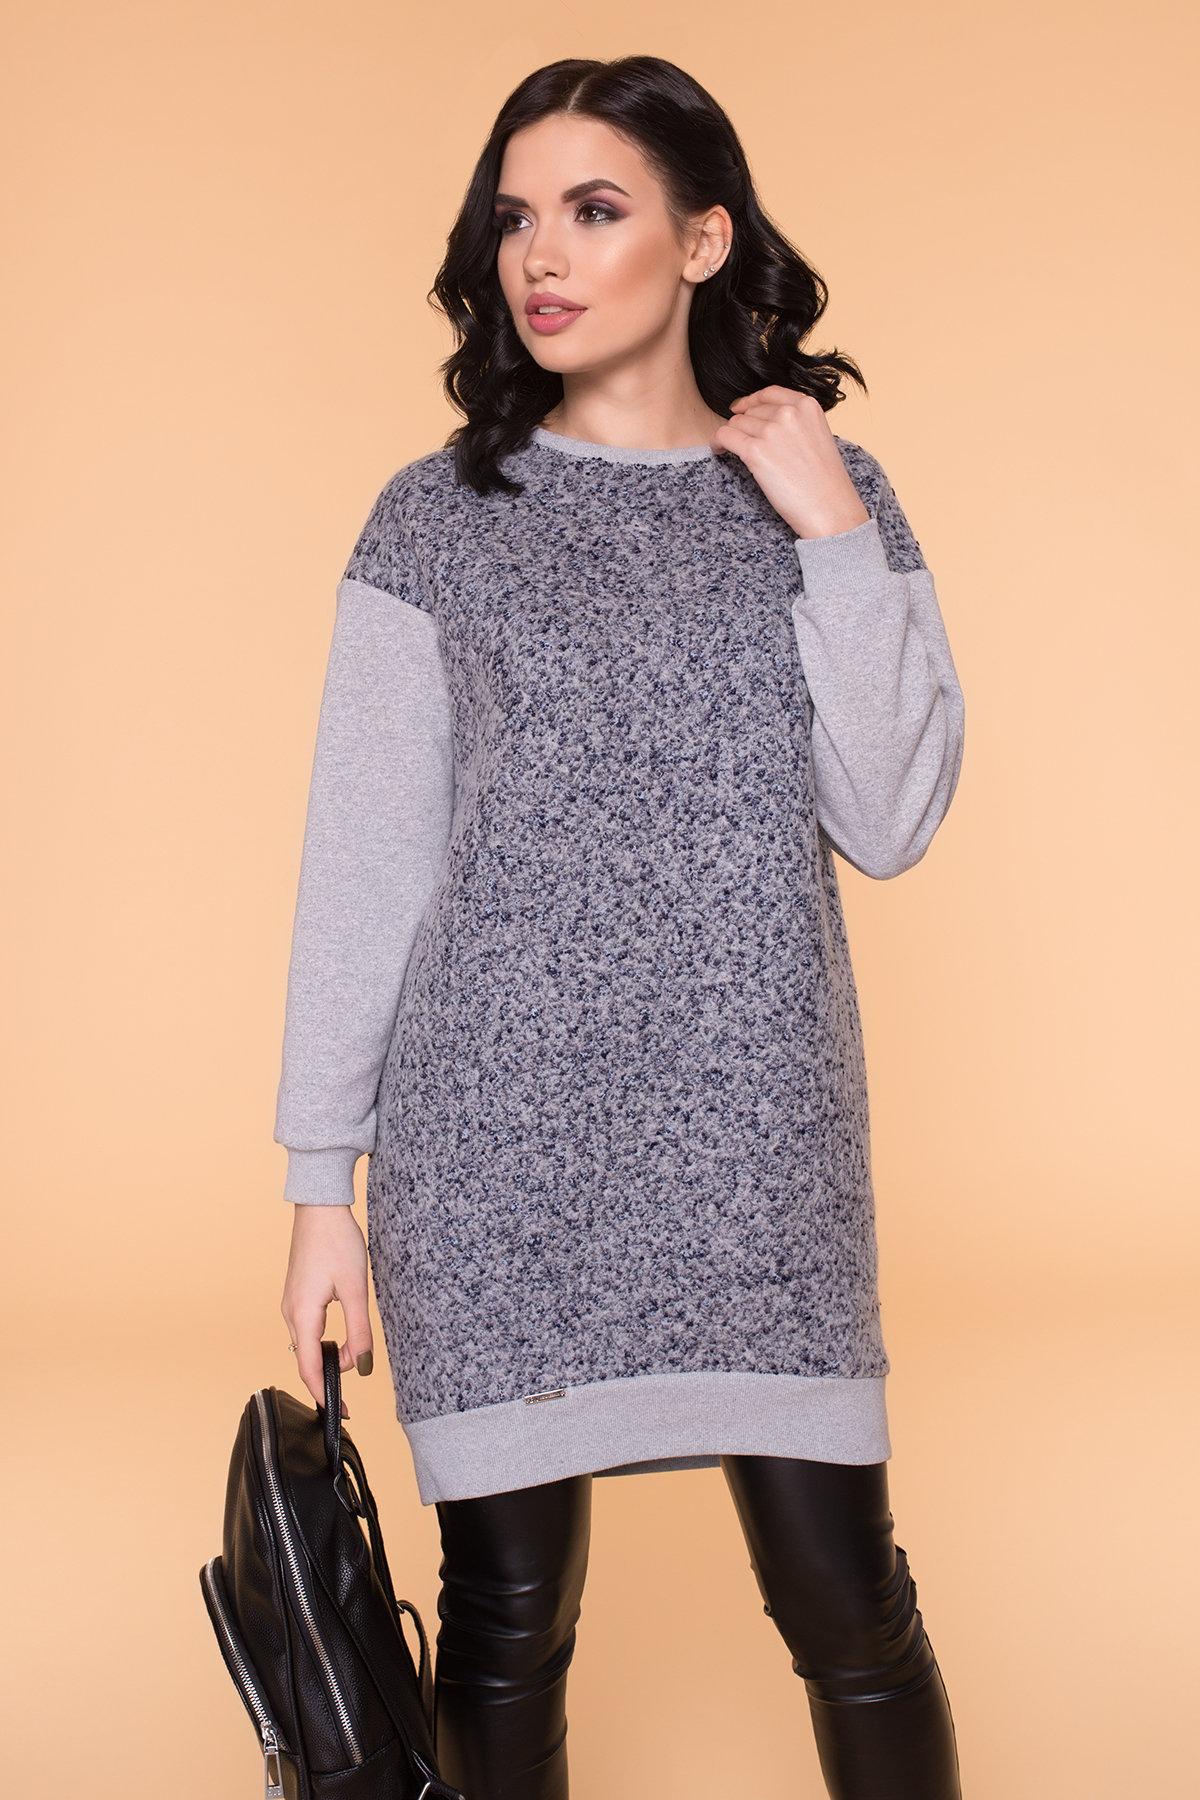 Платье Сорри 6266 АРТ. 41100 Цвет: Серый Св/серый - фото 2, интернет магазин tm-modus.ru